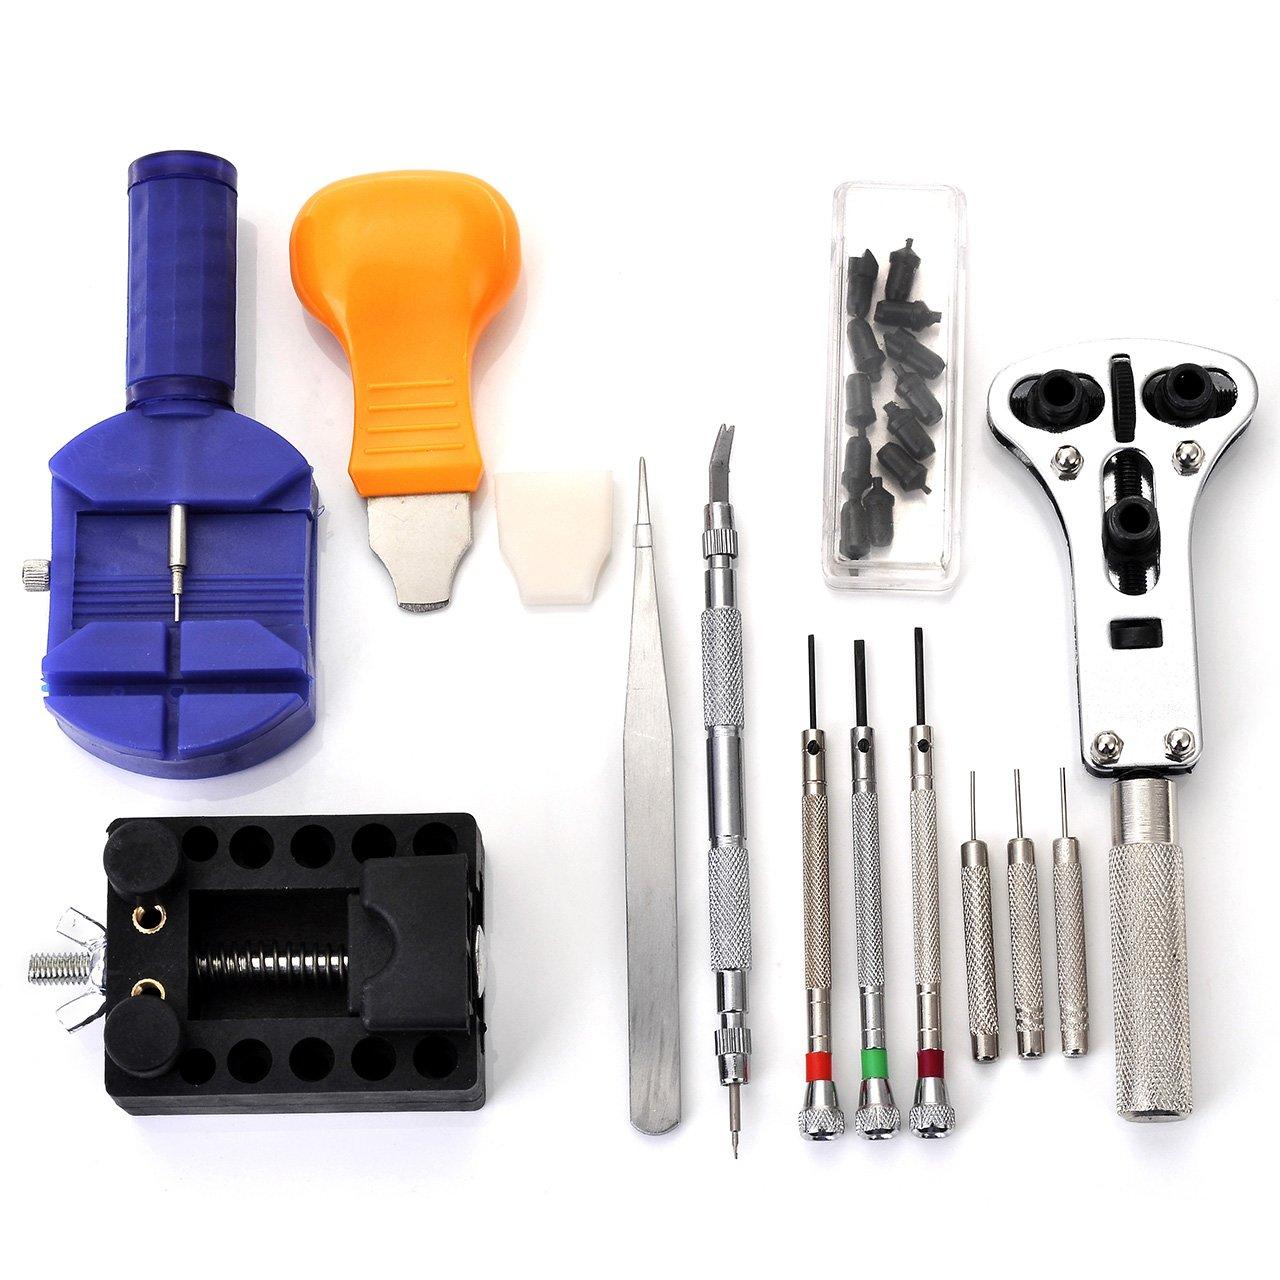 JSDDE Uhrenwerkzeugset 13-teilig in Nylontasche Uhrwerkzeug Uhrmacherwerkzeug Reparatur Set für jedermann